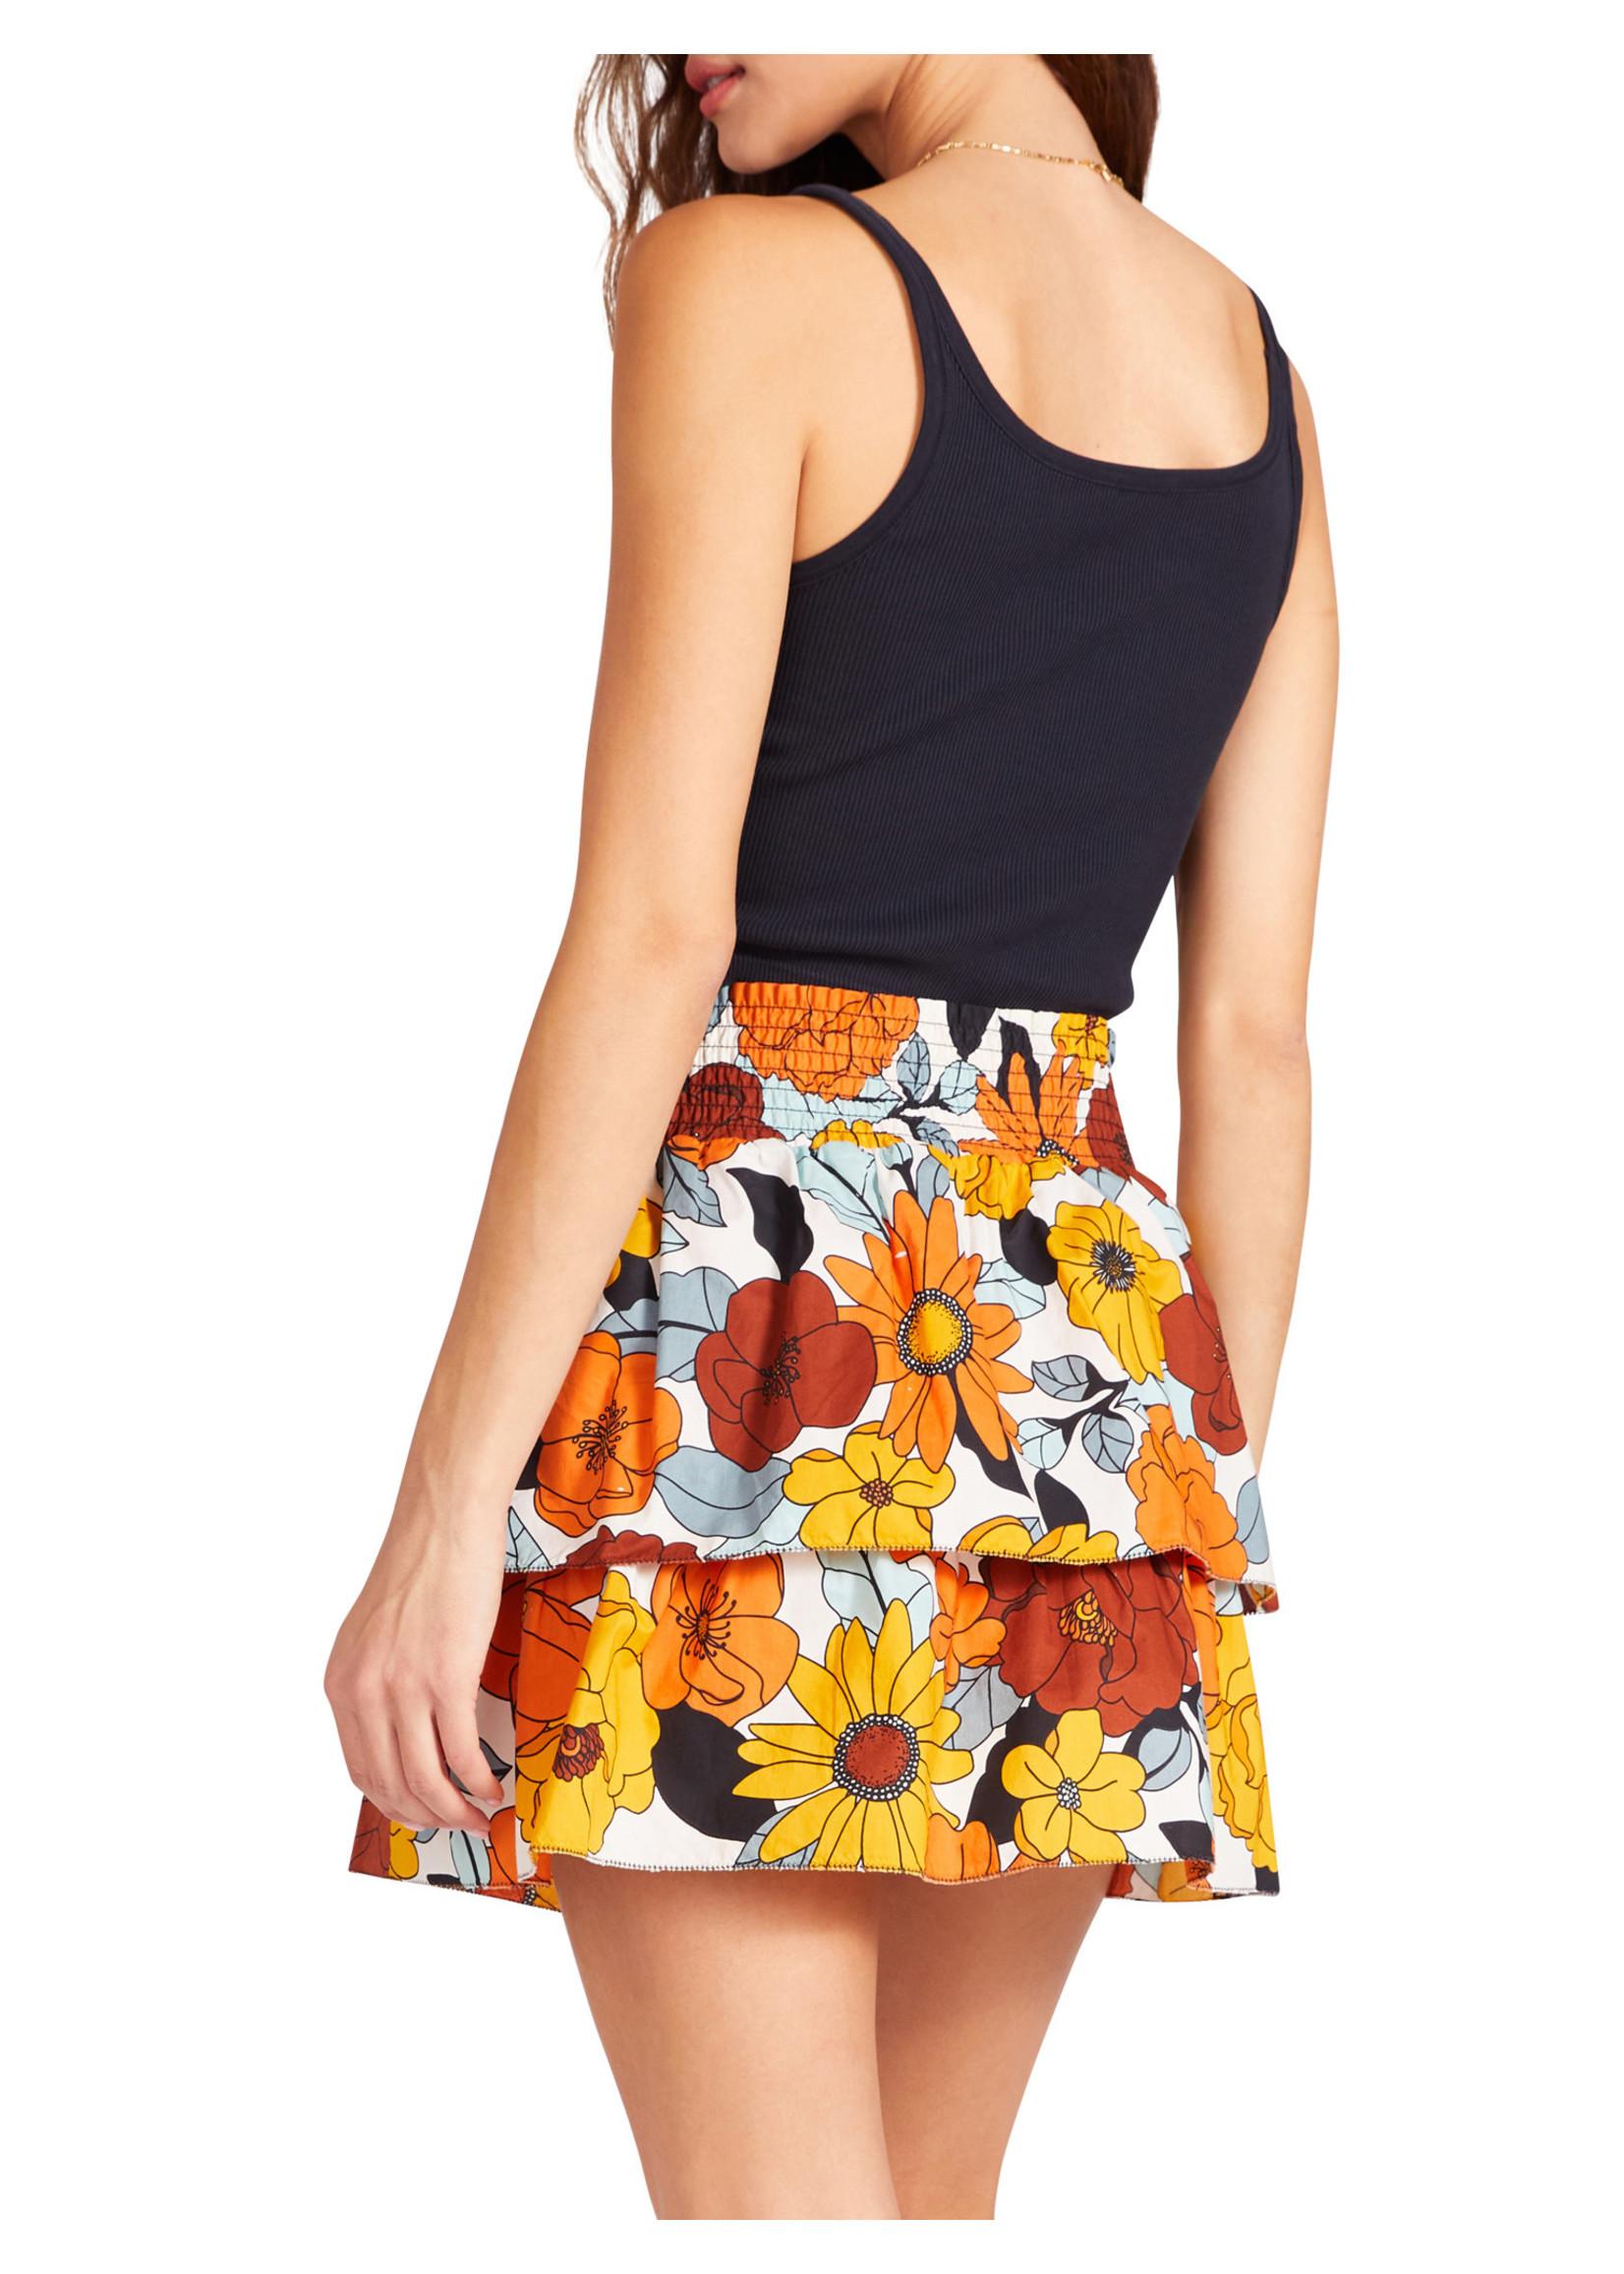 BB Dakota Hustle & Floral Skirt - BL209615